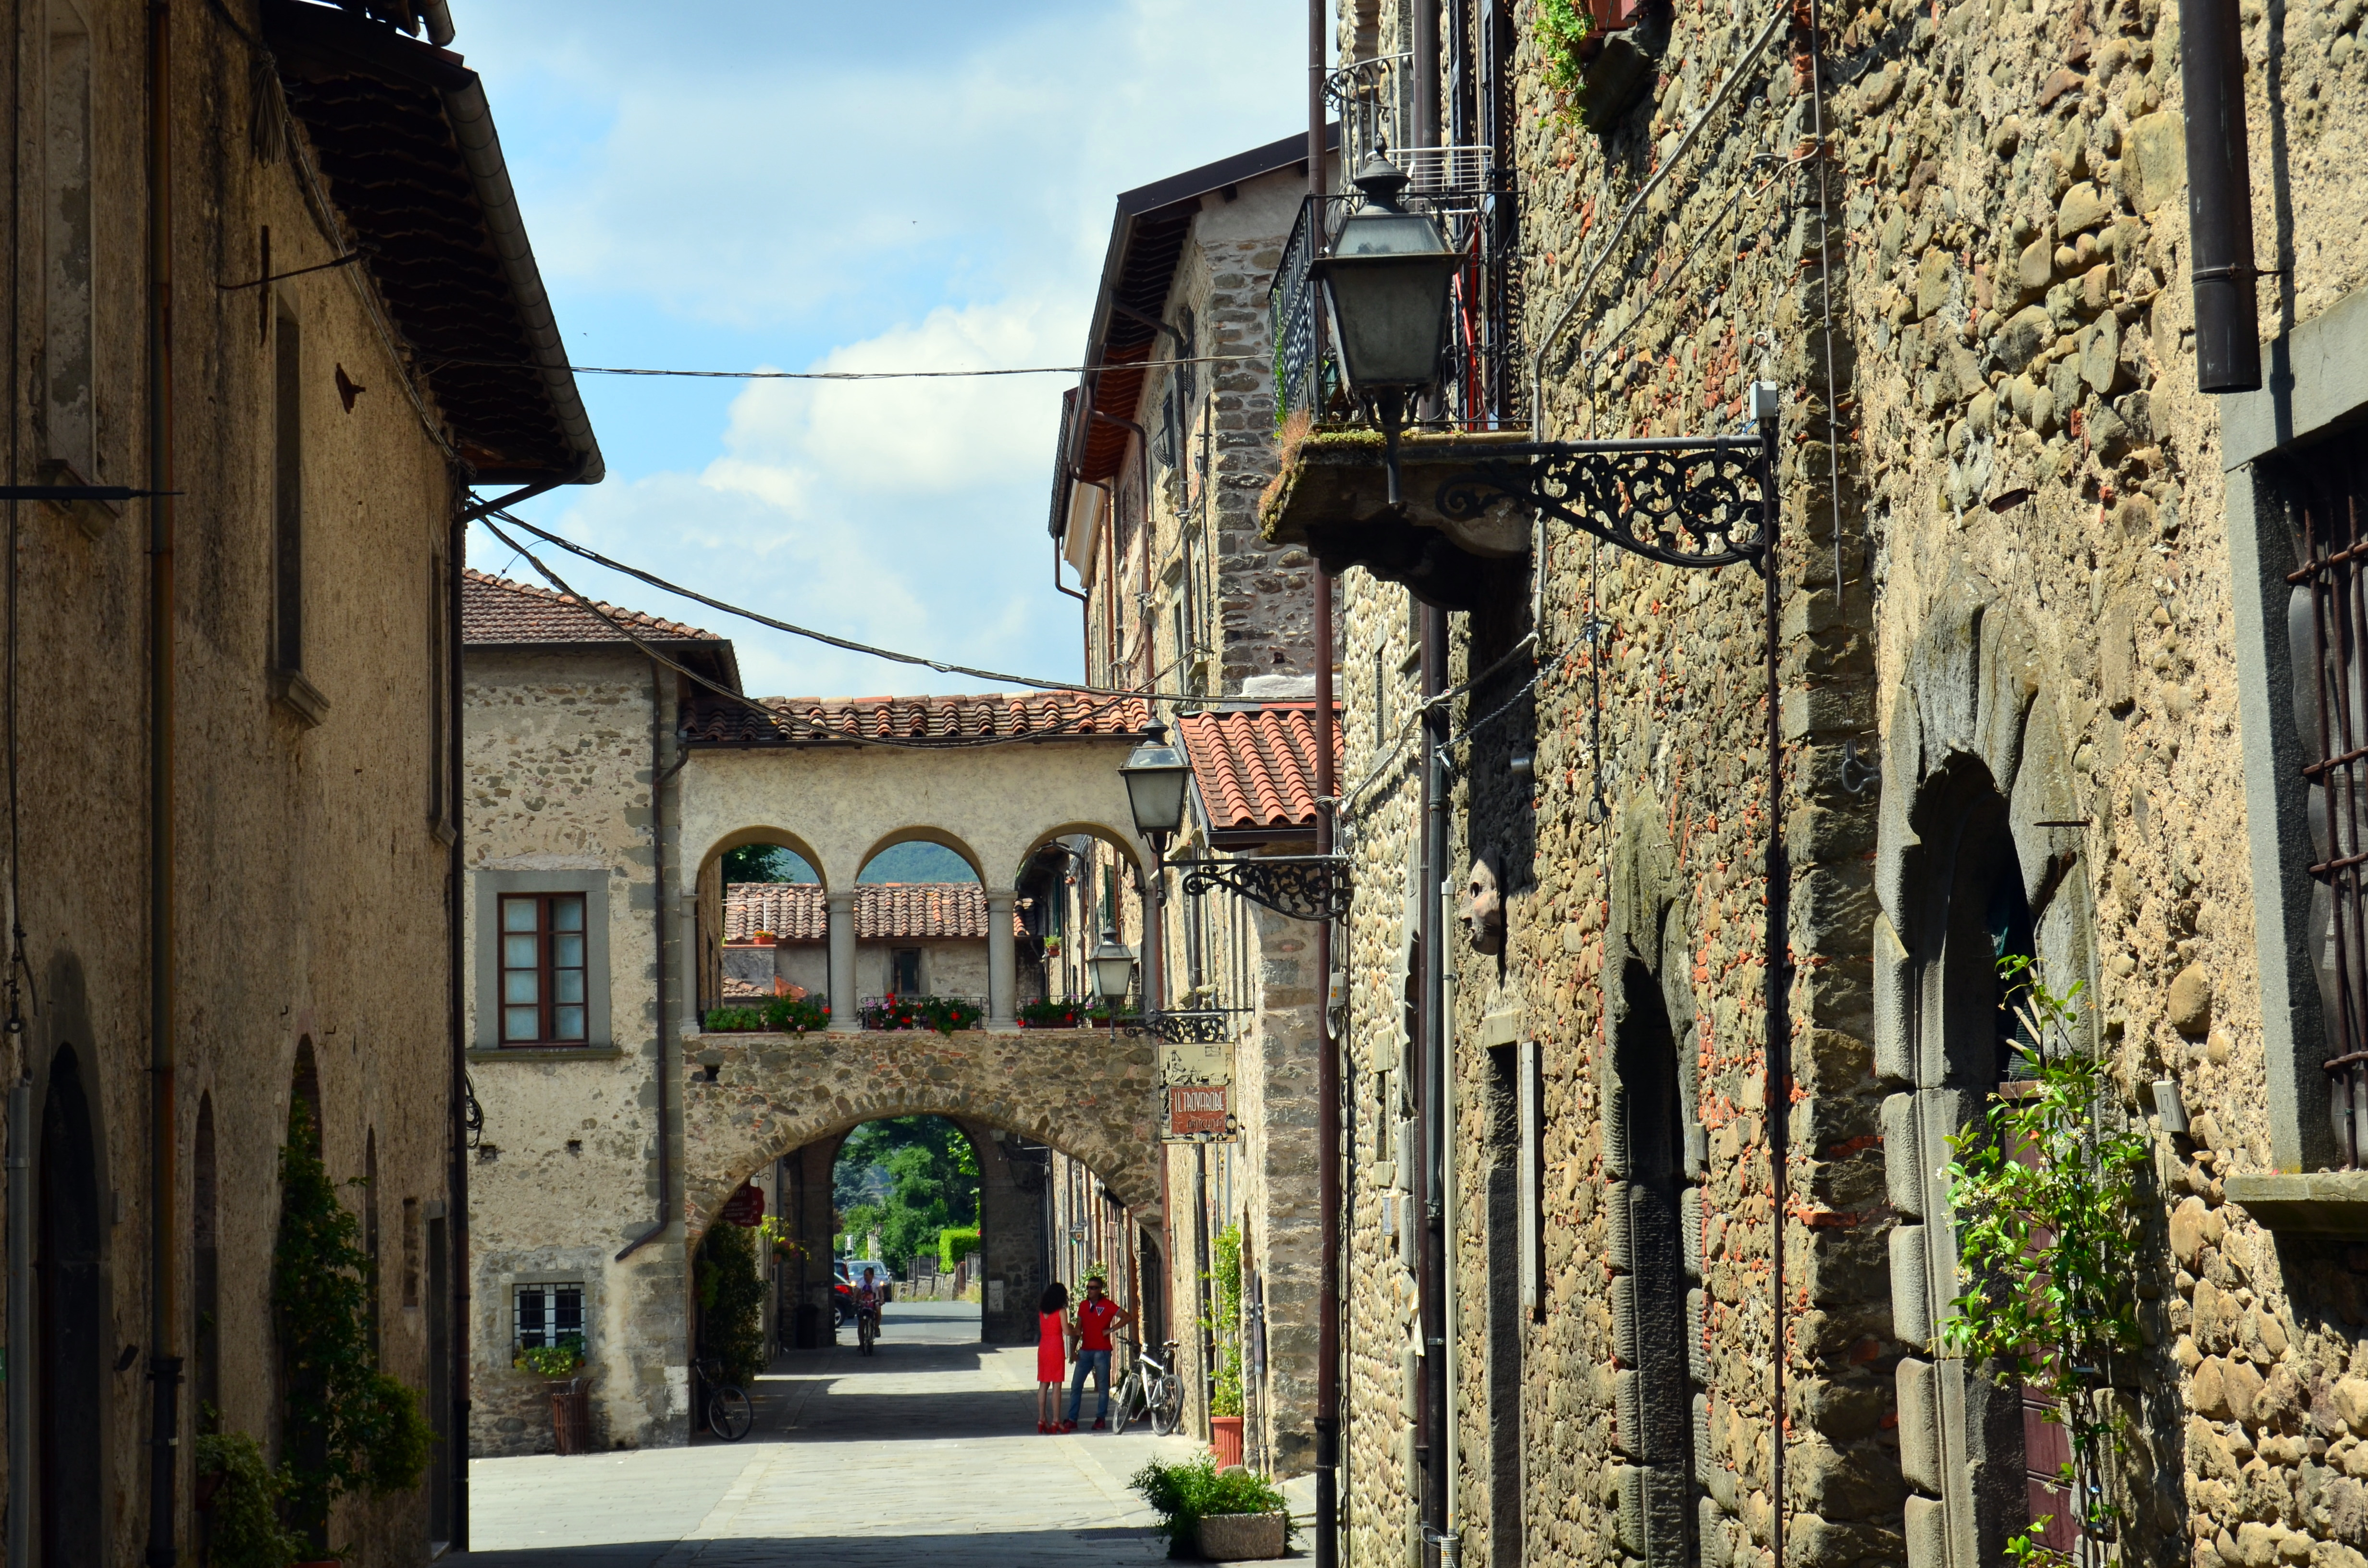 Via Villa Franca Ostuni Caf